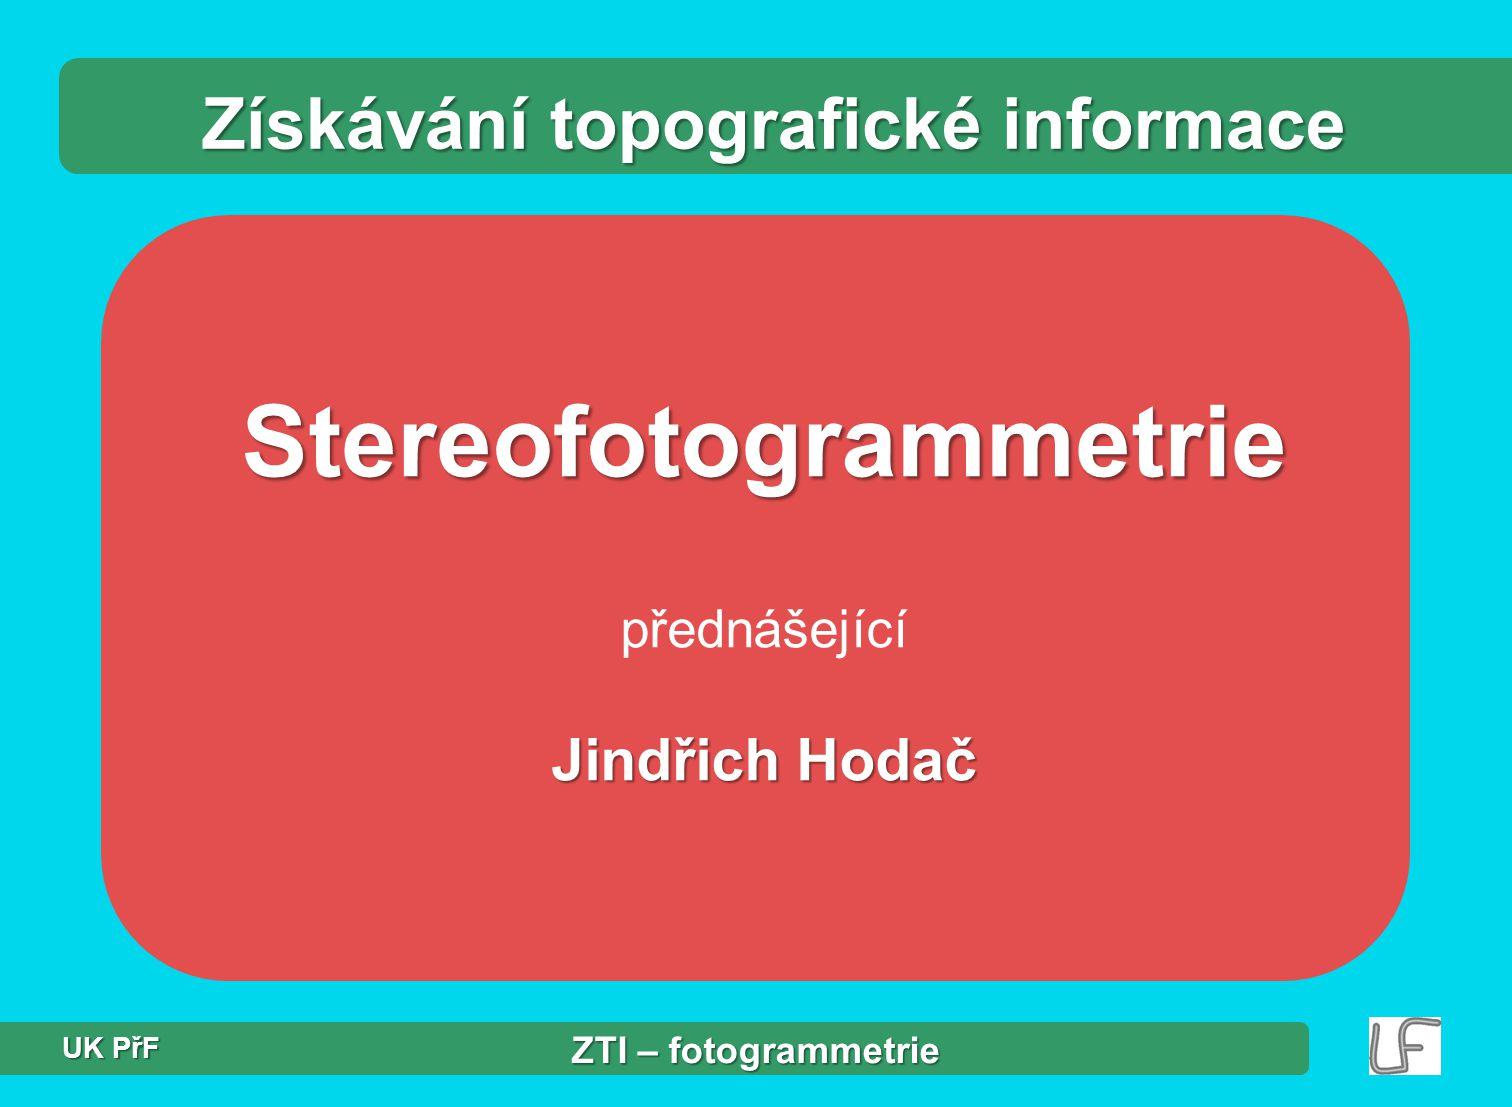 Stereofotogrammetrie přednášející Jindřich Hodač Získávání topografické informace ZTI – fotogrammetrie UK PřF